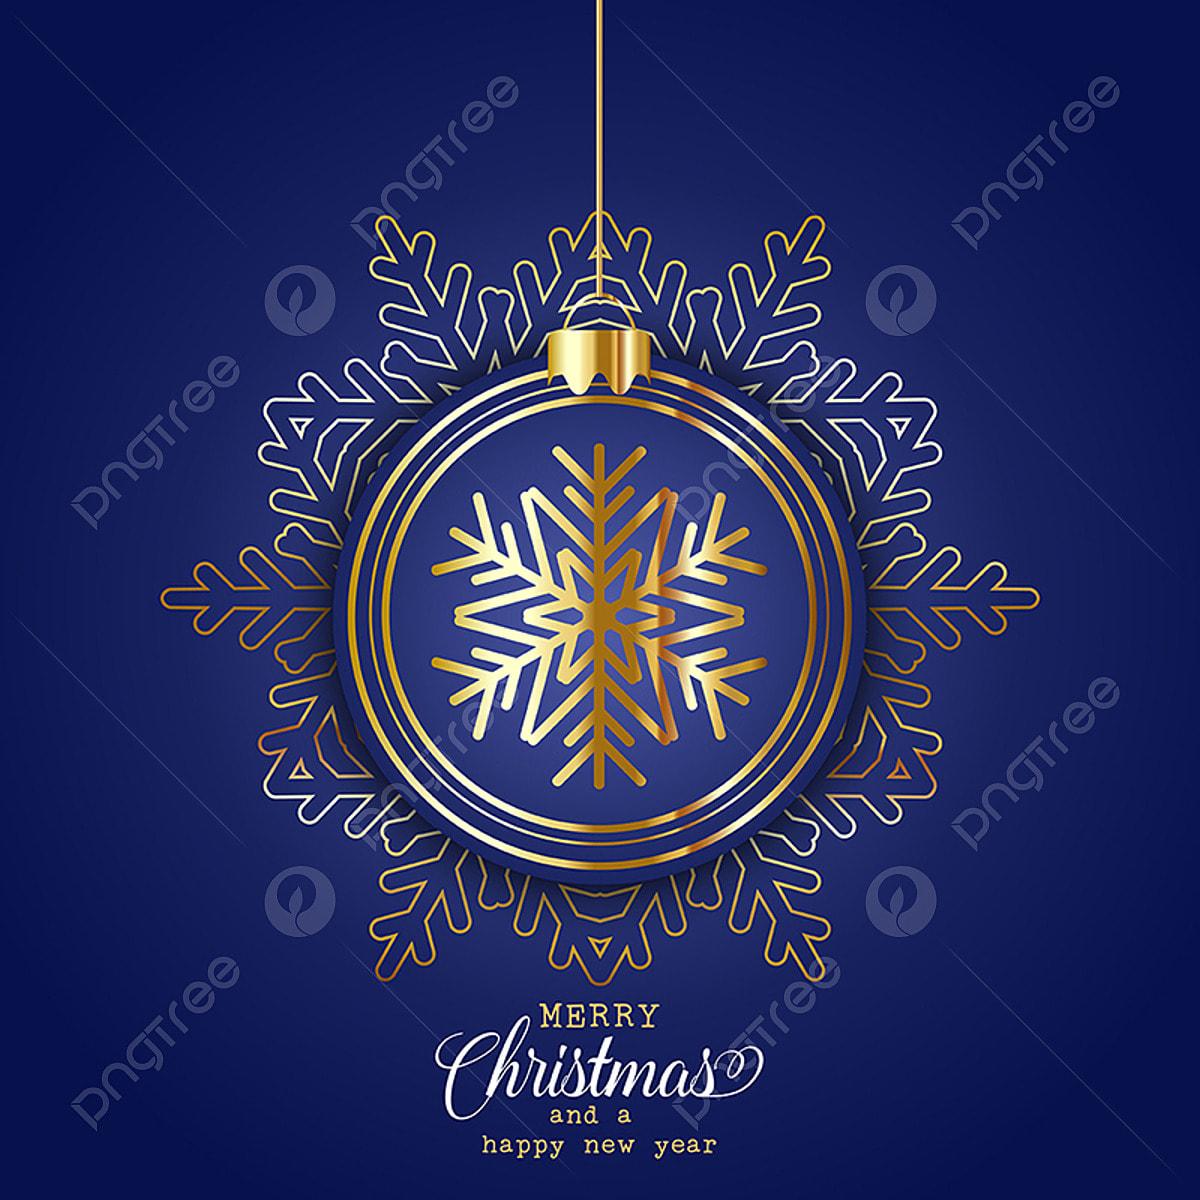 Elegant Christmas Background Images.Elegant Christmas Background 1211 Snow Snowflake Snowy